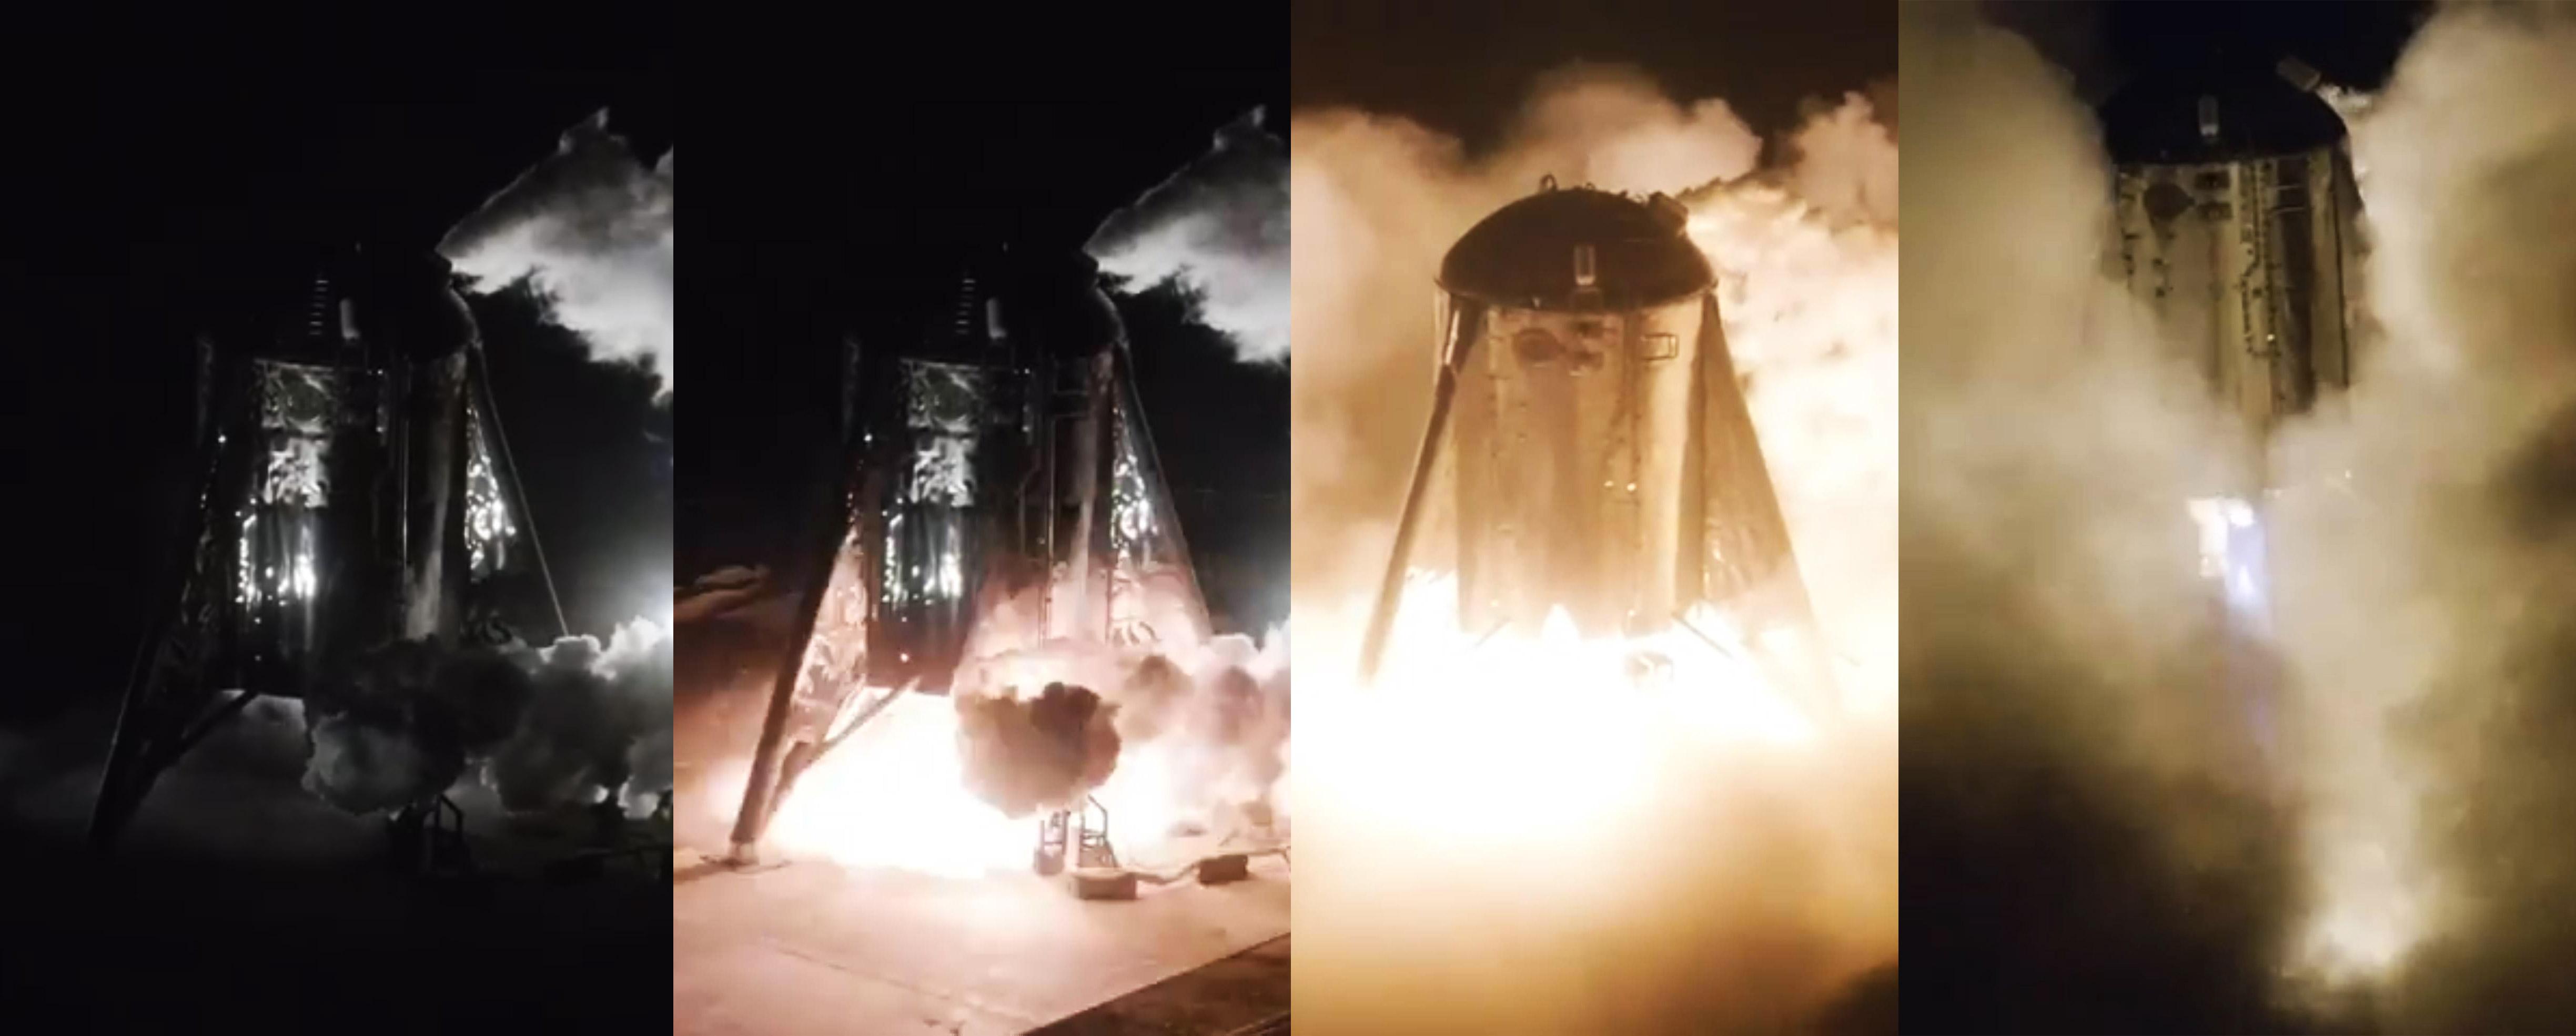 Starhopper first flight 072519 (SpaceX – DearMoon) slow motion mosaic 1